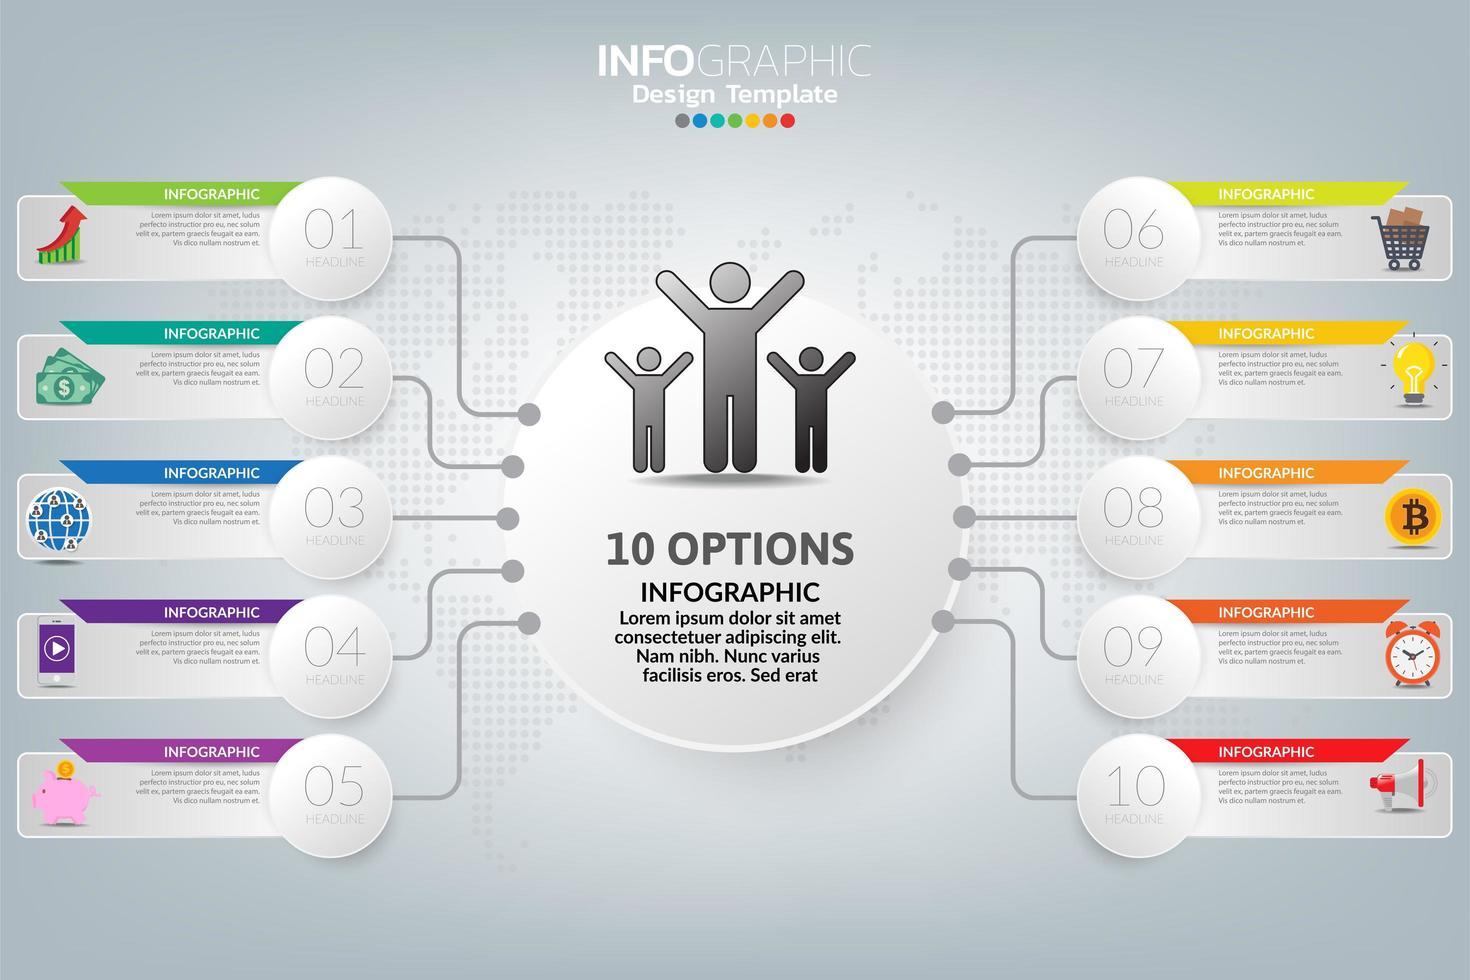 infographic ontwerp vector en pictogrammen kunnen worden gebruikt voor werkstroom layout, diagram, rapport, webdesign. bedrijfsconcept met opties, stappen of processen.